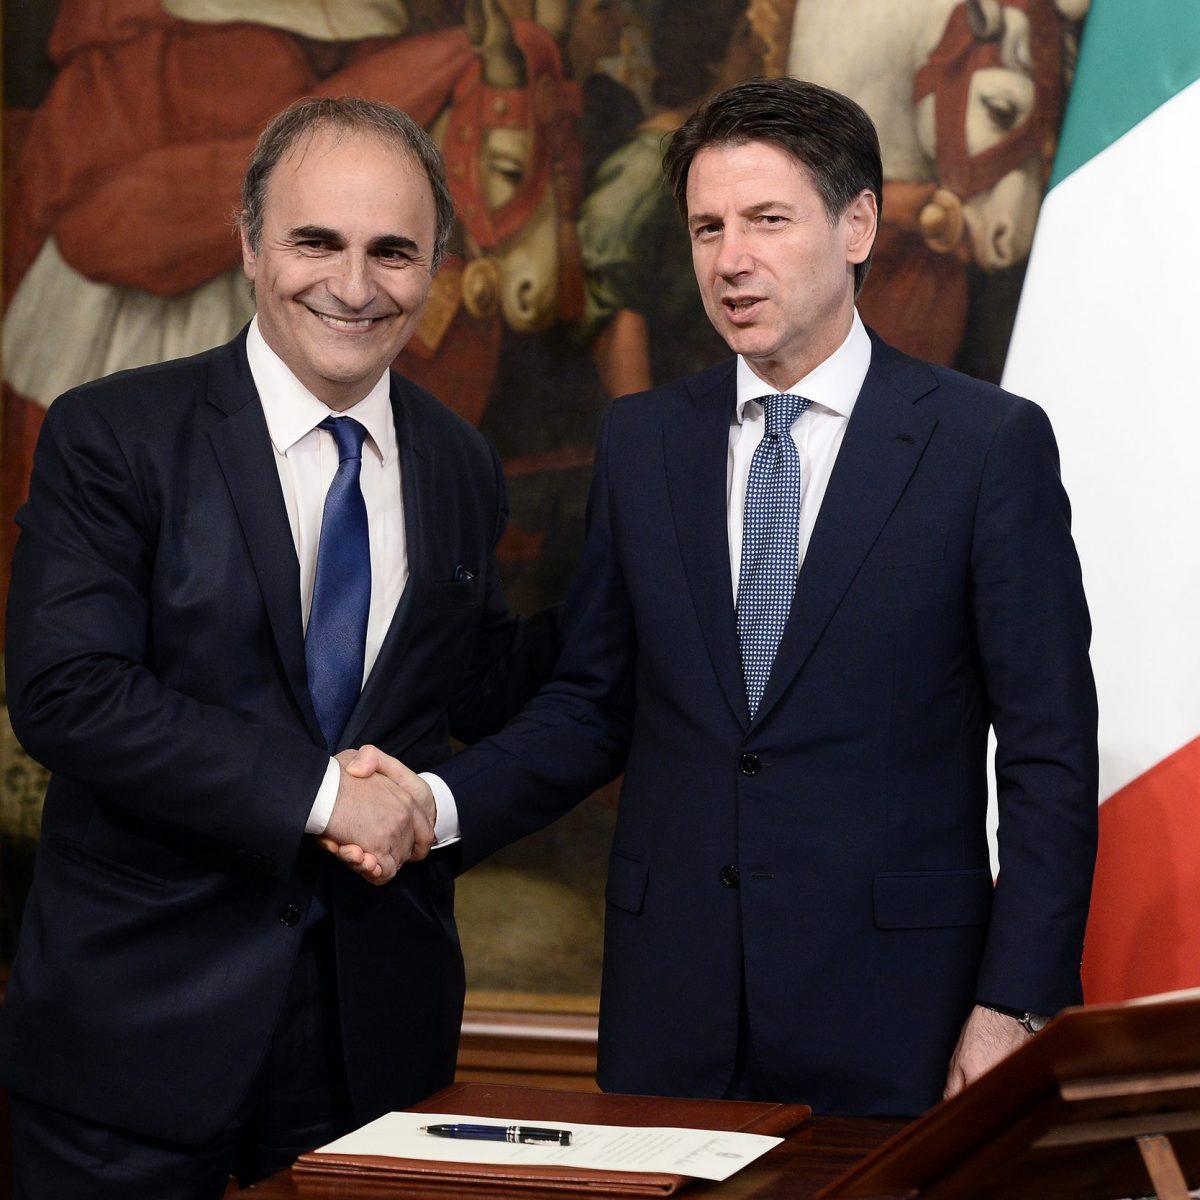 ricardo merlo maie italia23 governo conte costruttori